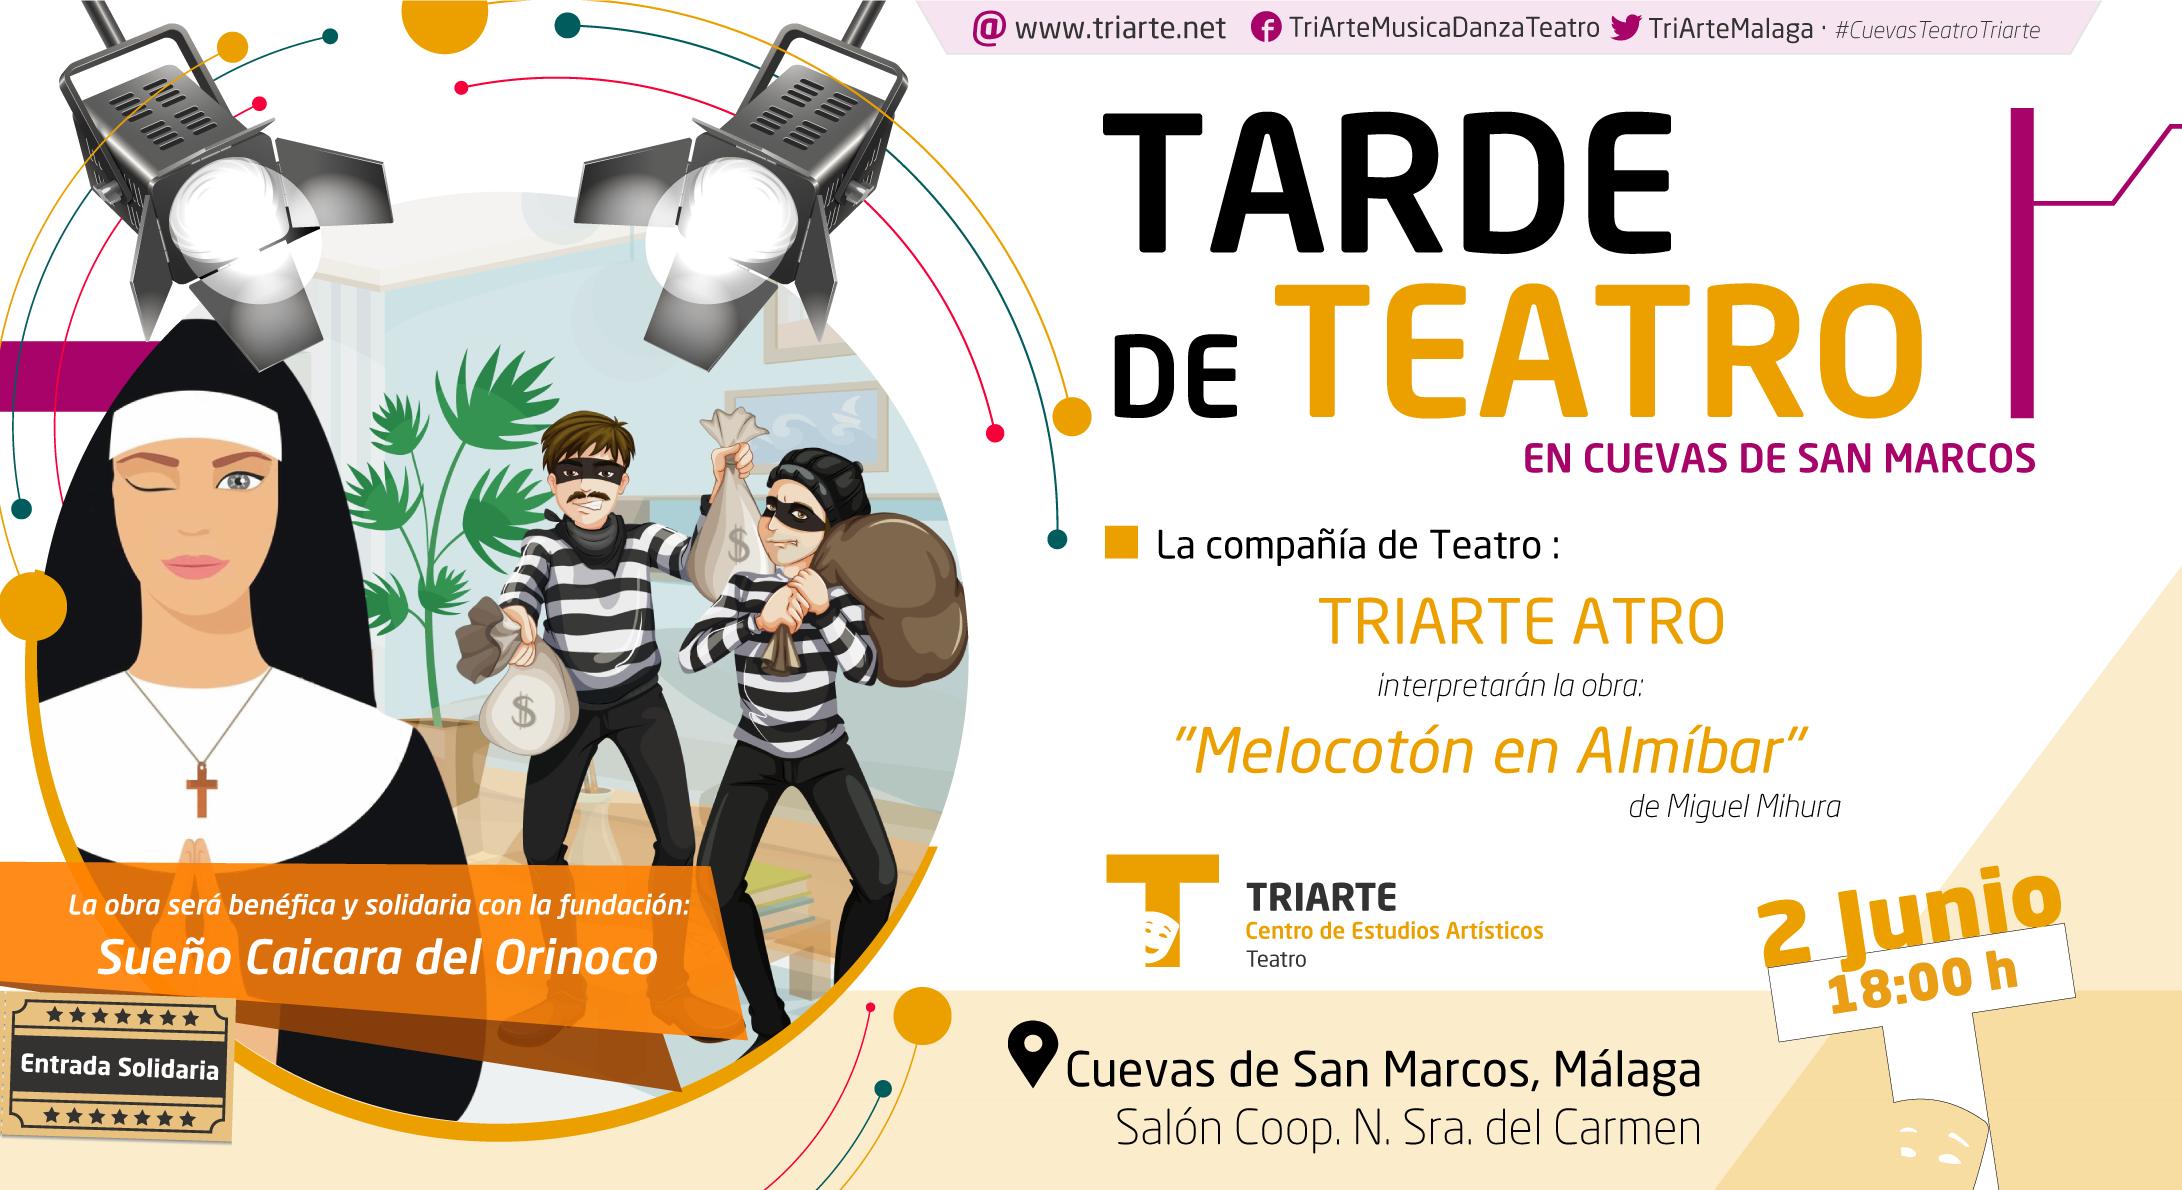 """Tarde de Teatro: TRIARTE ATRO presenta la obra """"Melocotón en Almíbar"""""""